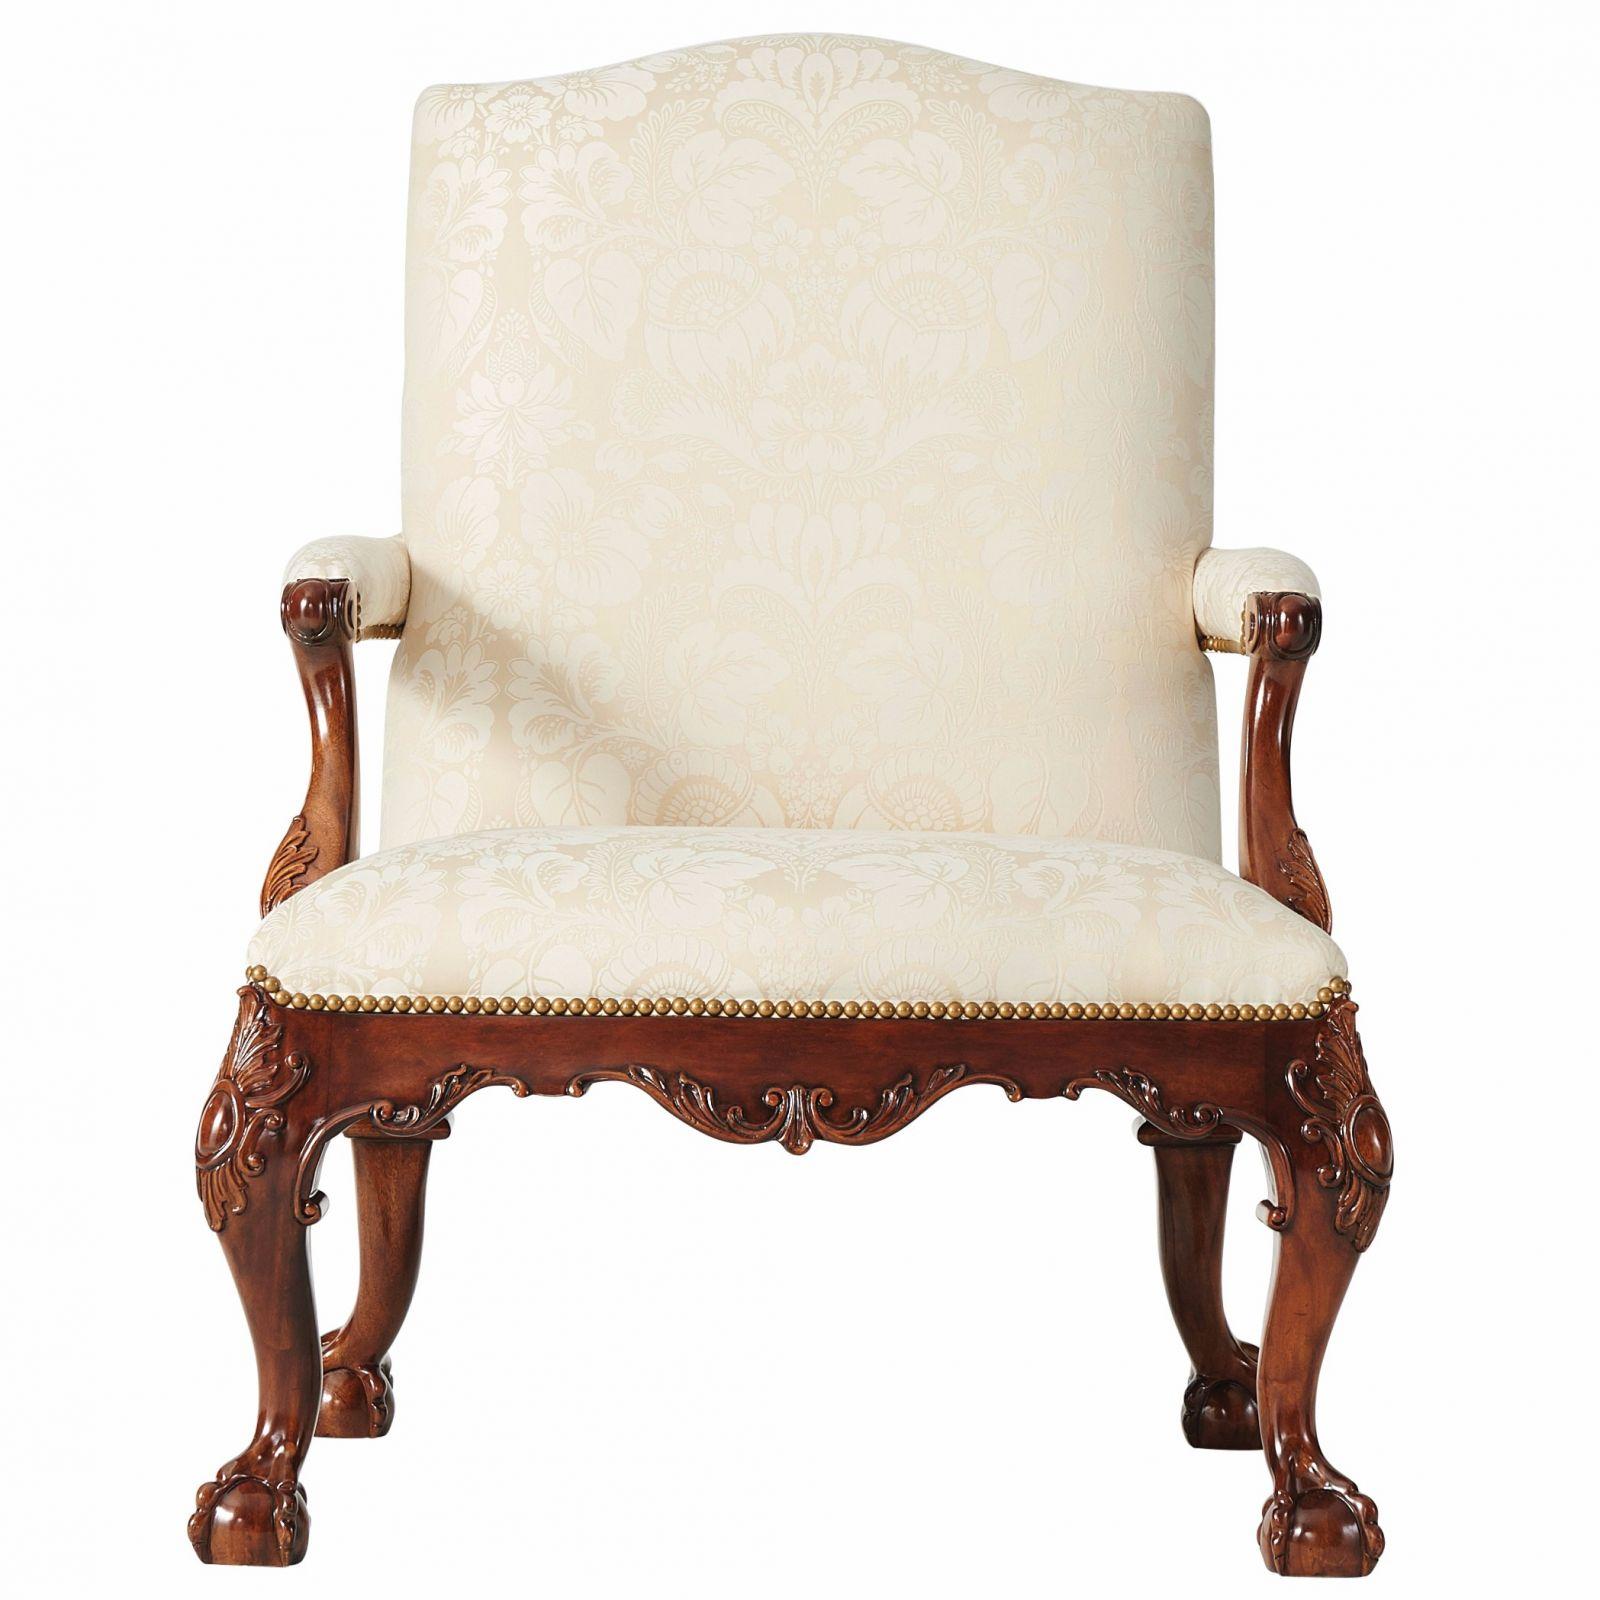 Gainsborough chair in cream cotton jacquard